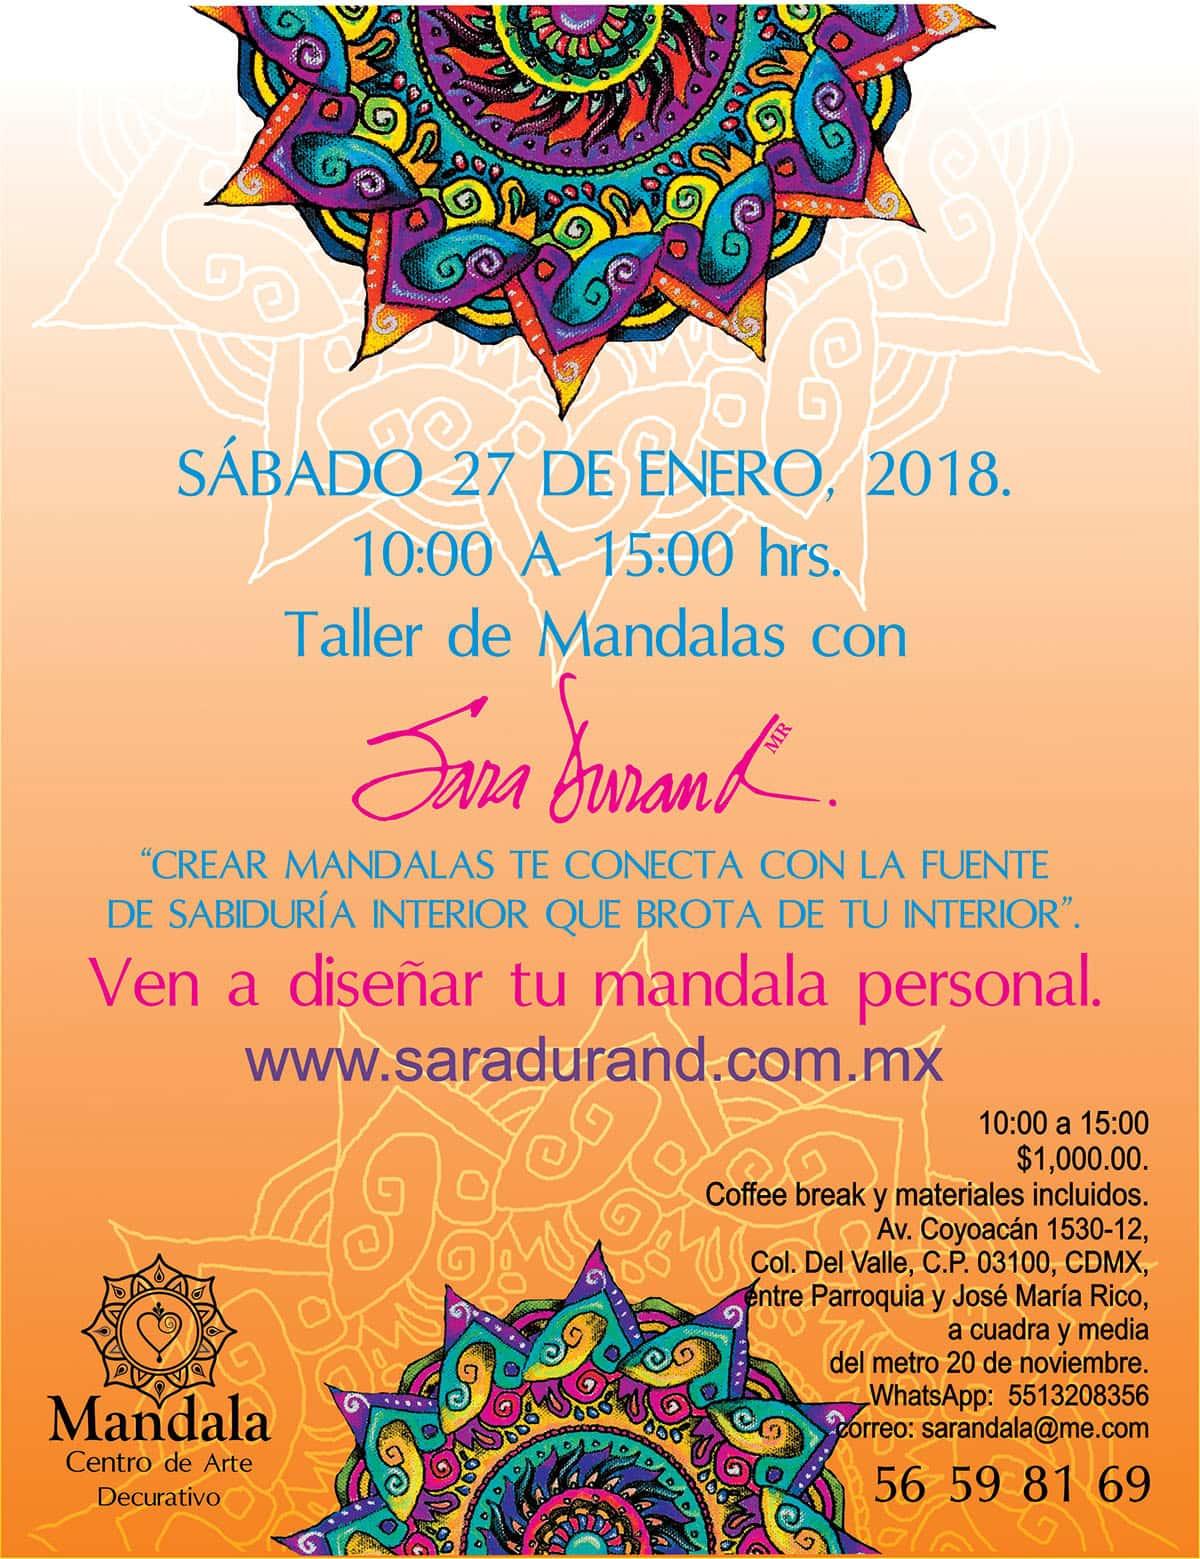 CURSO SARA-Taller de Mandalas-270118-A-min